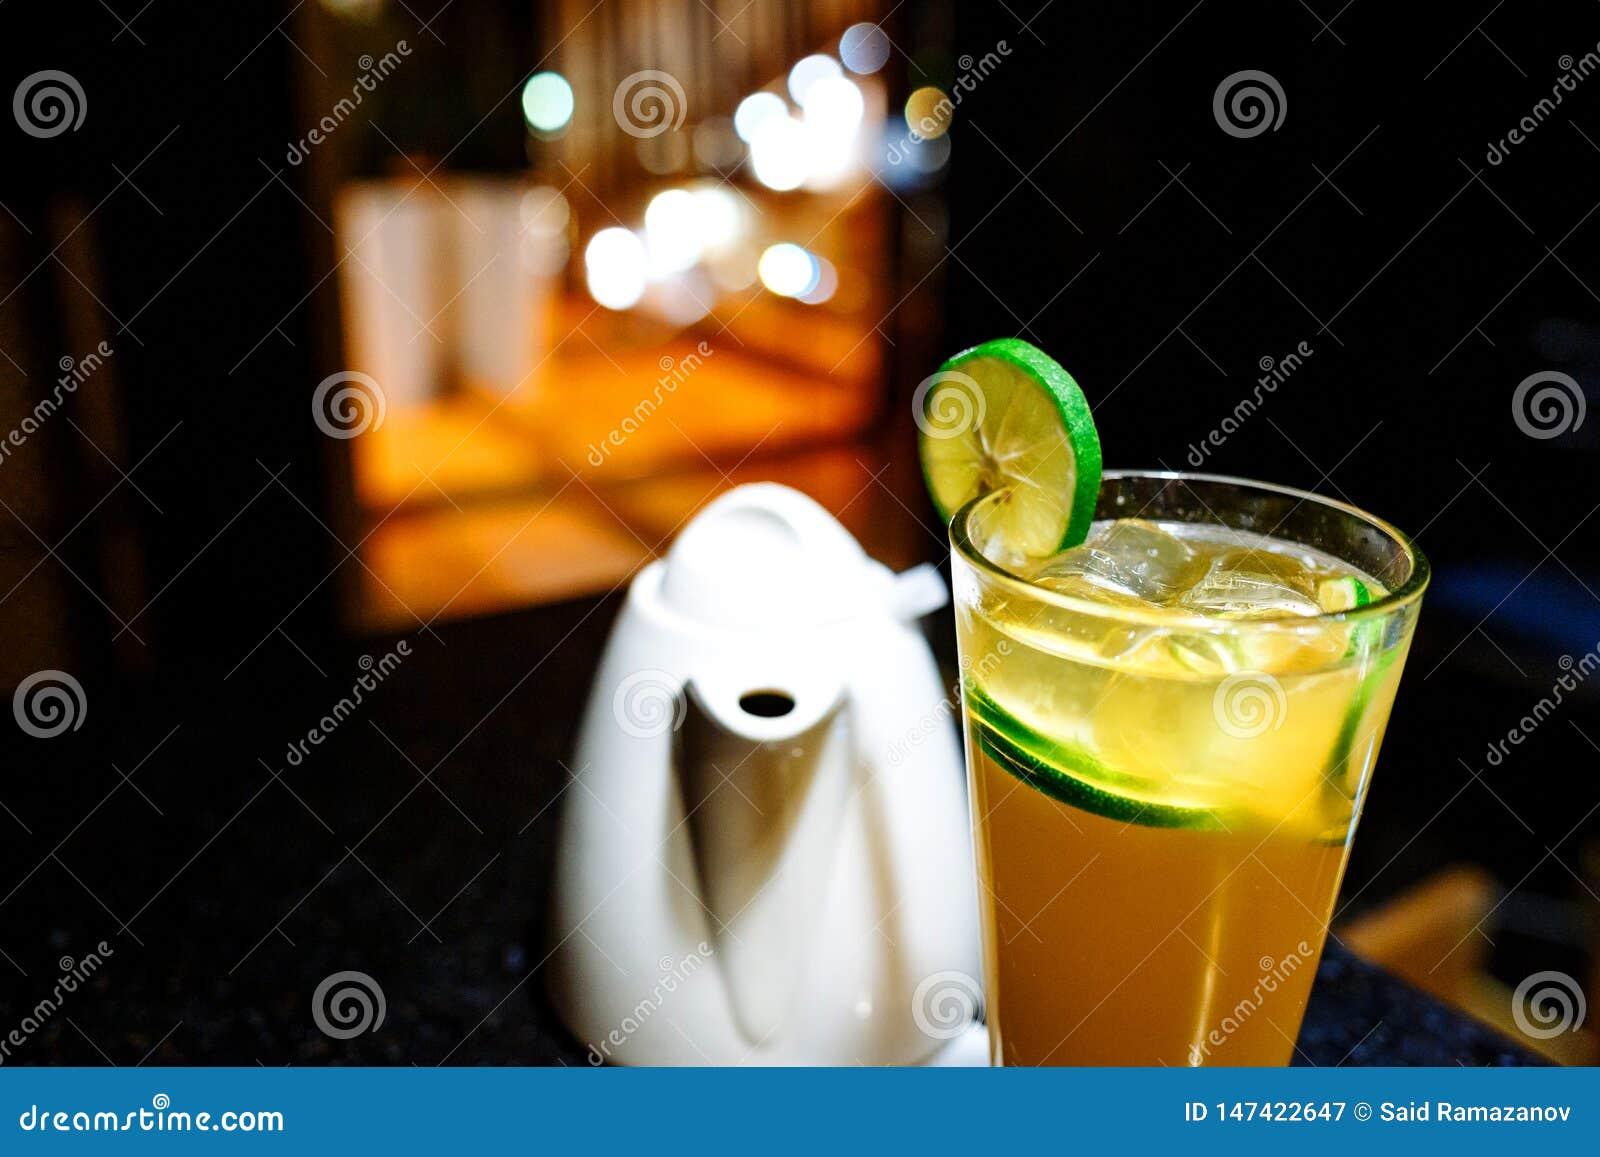 与石灰和茶壶的橙色鸡尾酒在黑暗的背景